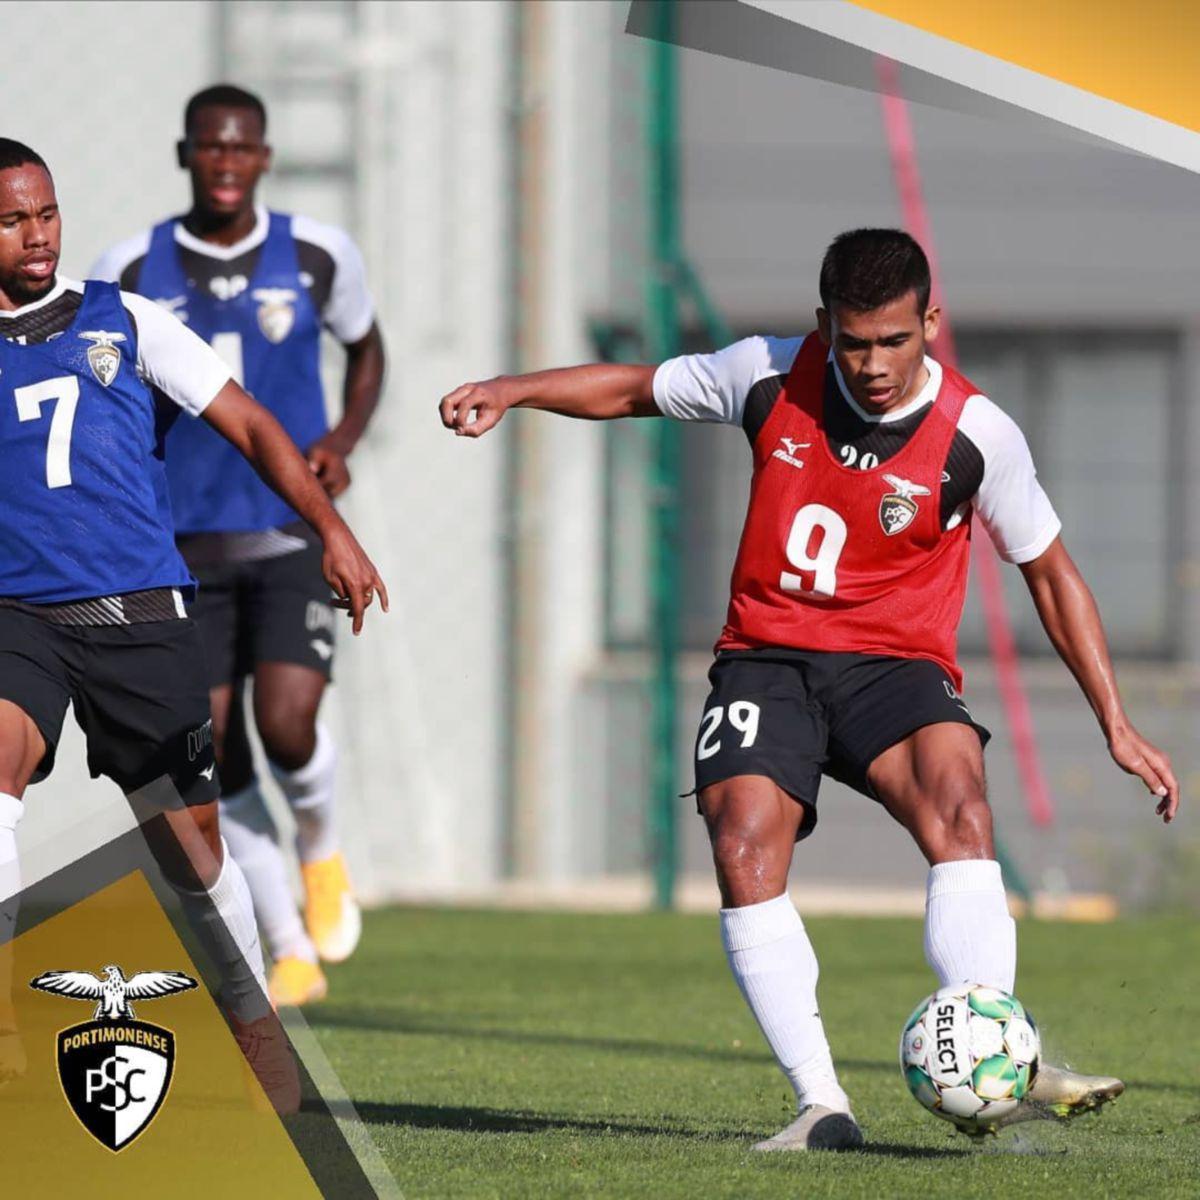 SAFAWI ketika ini dipinjamkan ke Portimonense SC. FOTO FB Portimonense SC